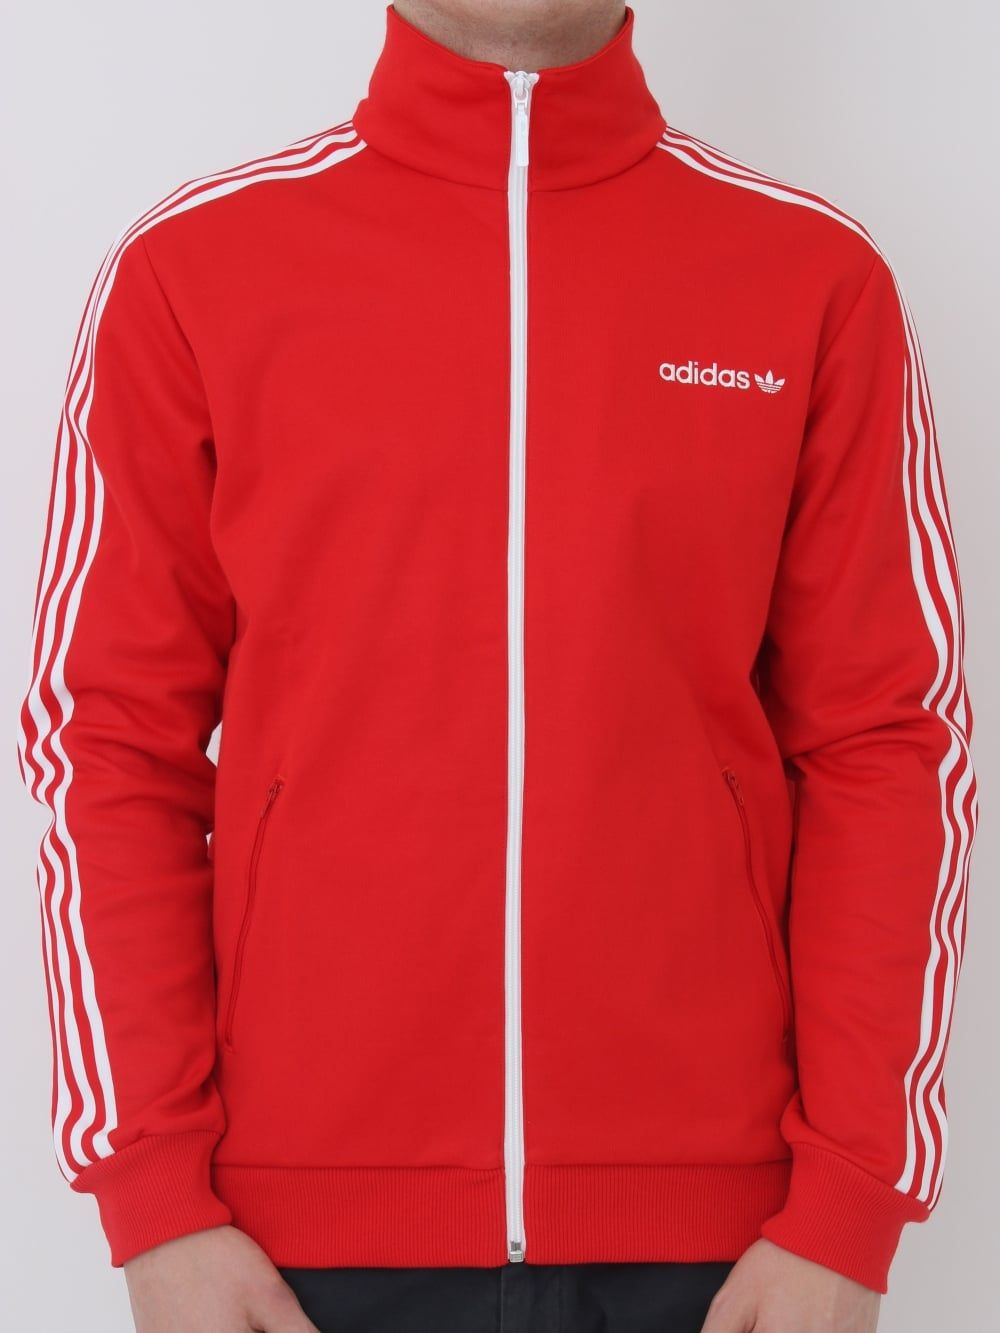 adidas Originals Beckenbauer Tracktop in Red - Northern Threads c0c459f34